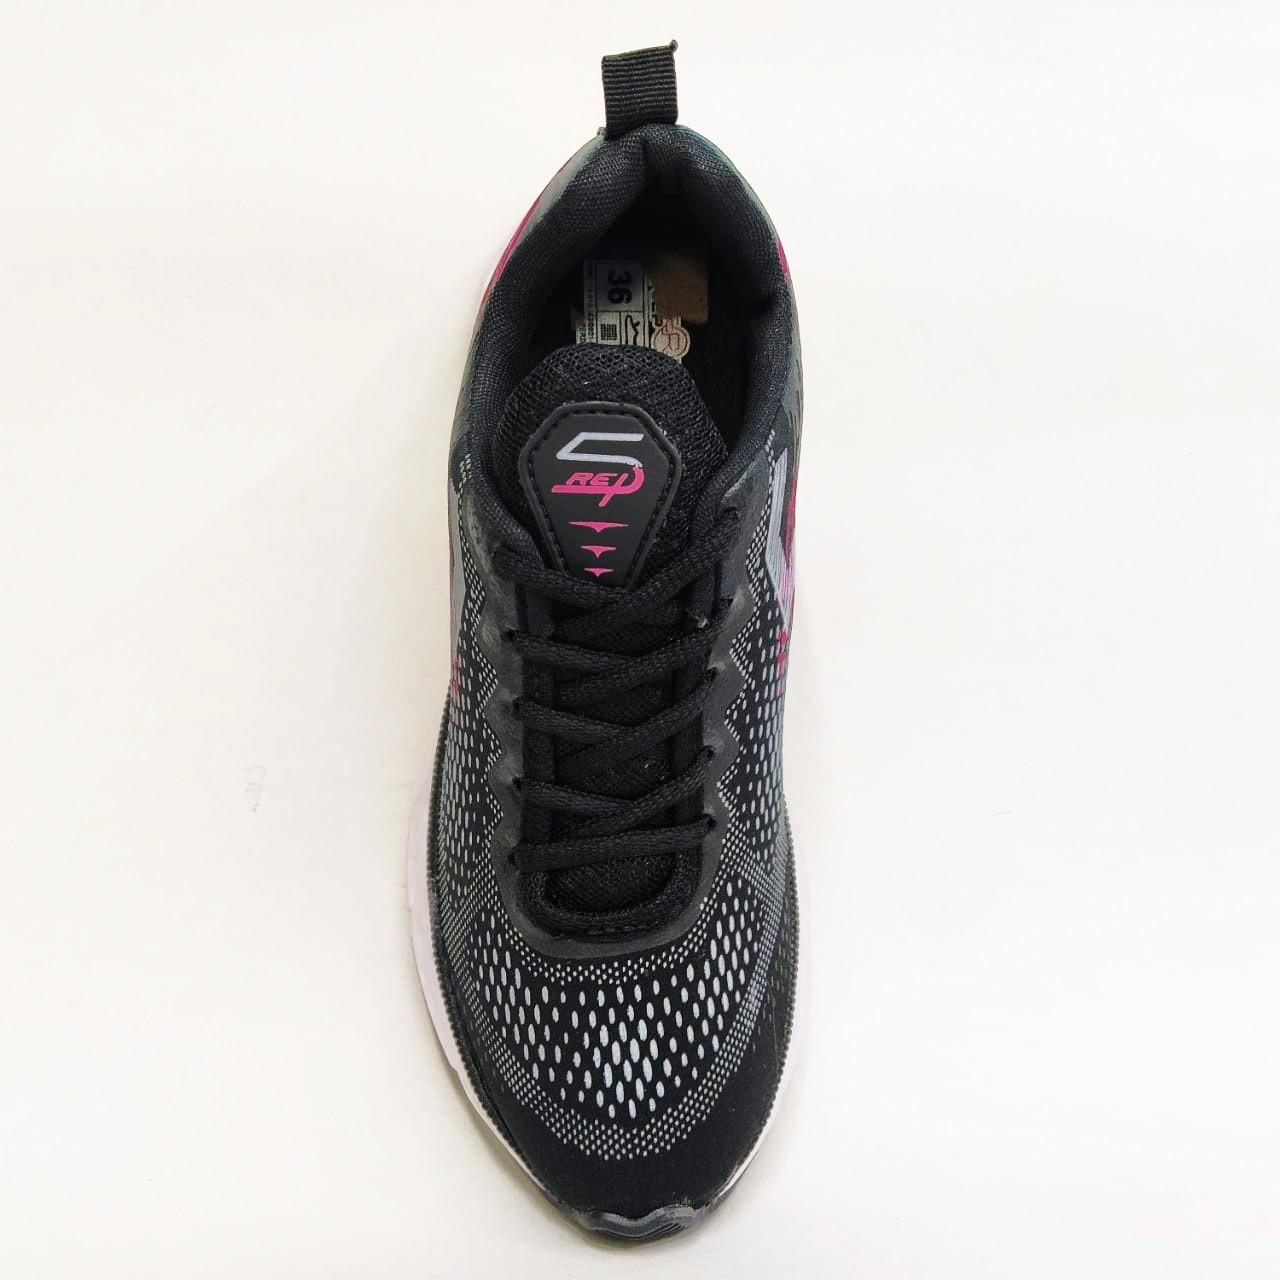 Tênis feminino Replay 18500-15 - Preto / Pink